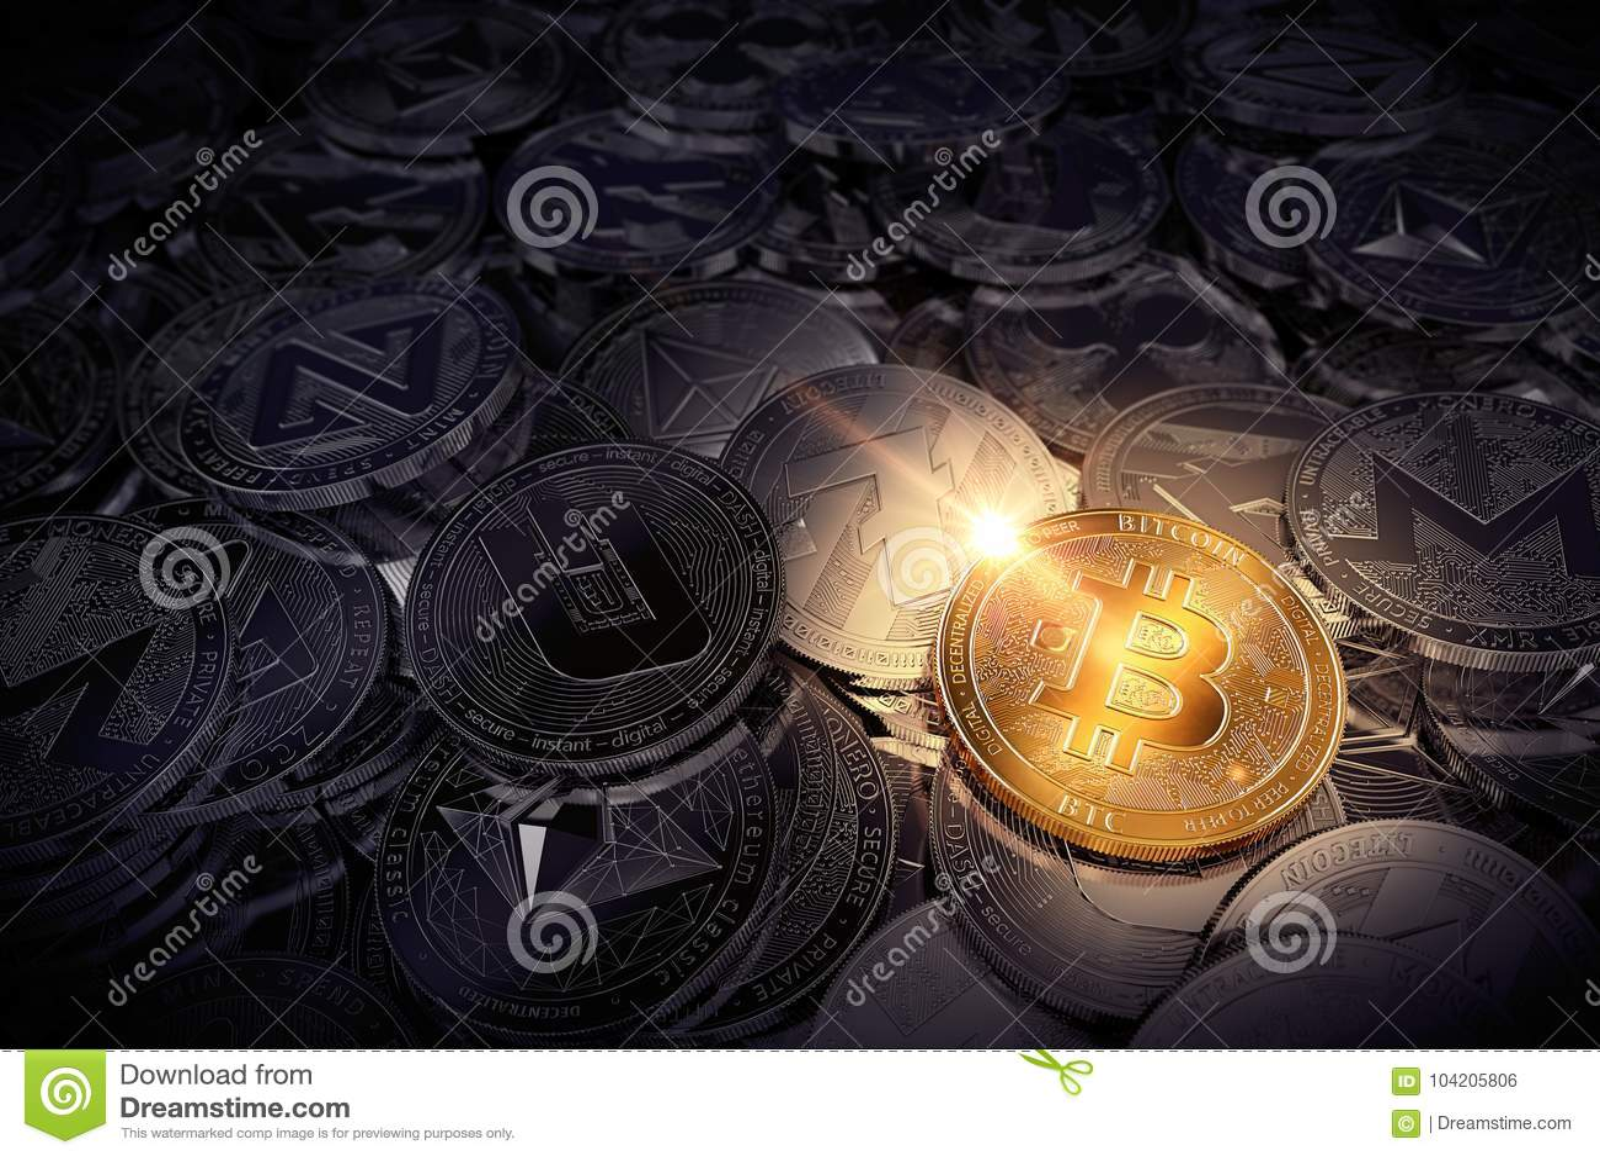 Огромный стог физических cryptocurrencies с Bitcoin на фронте как руководитель новых виртуальных денег